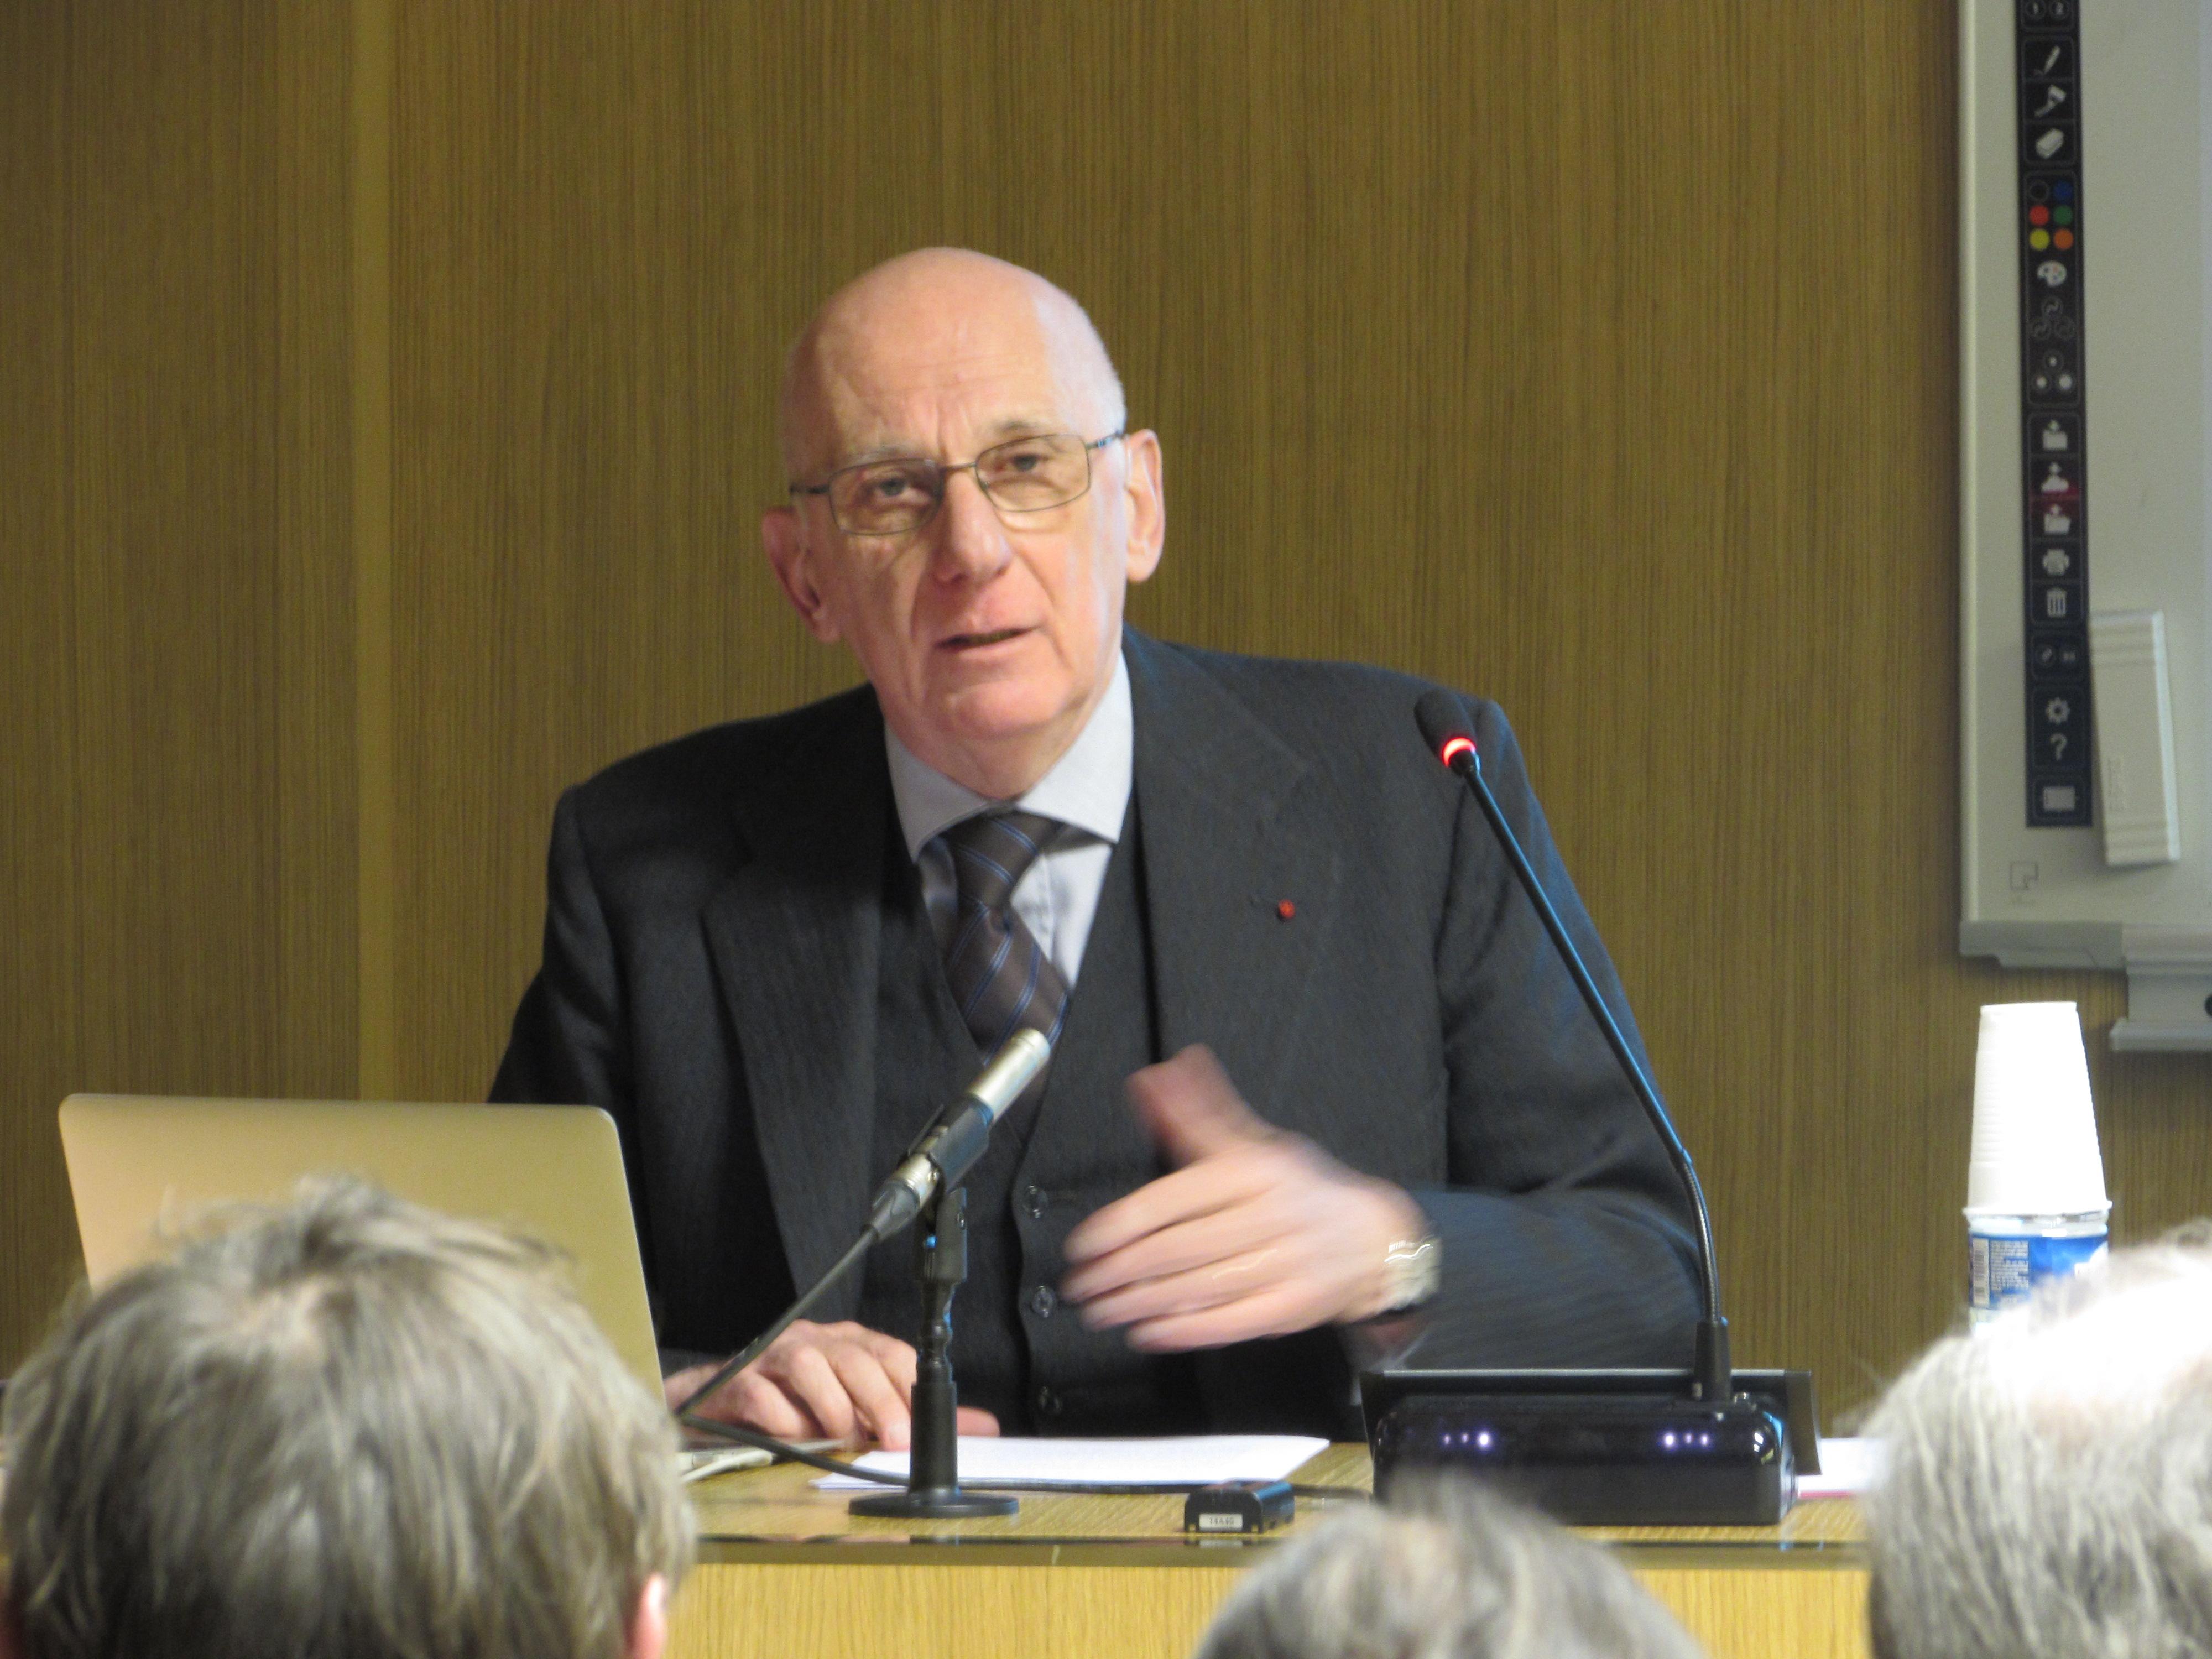 Conférence de Michel Zink sur «La nouveauté au Moyen Âge comme expérience religieuse et poétique»